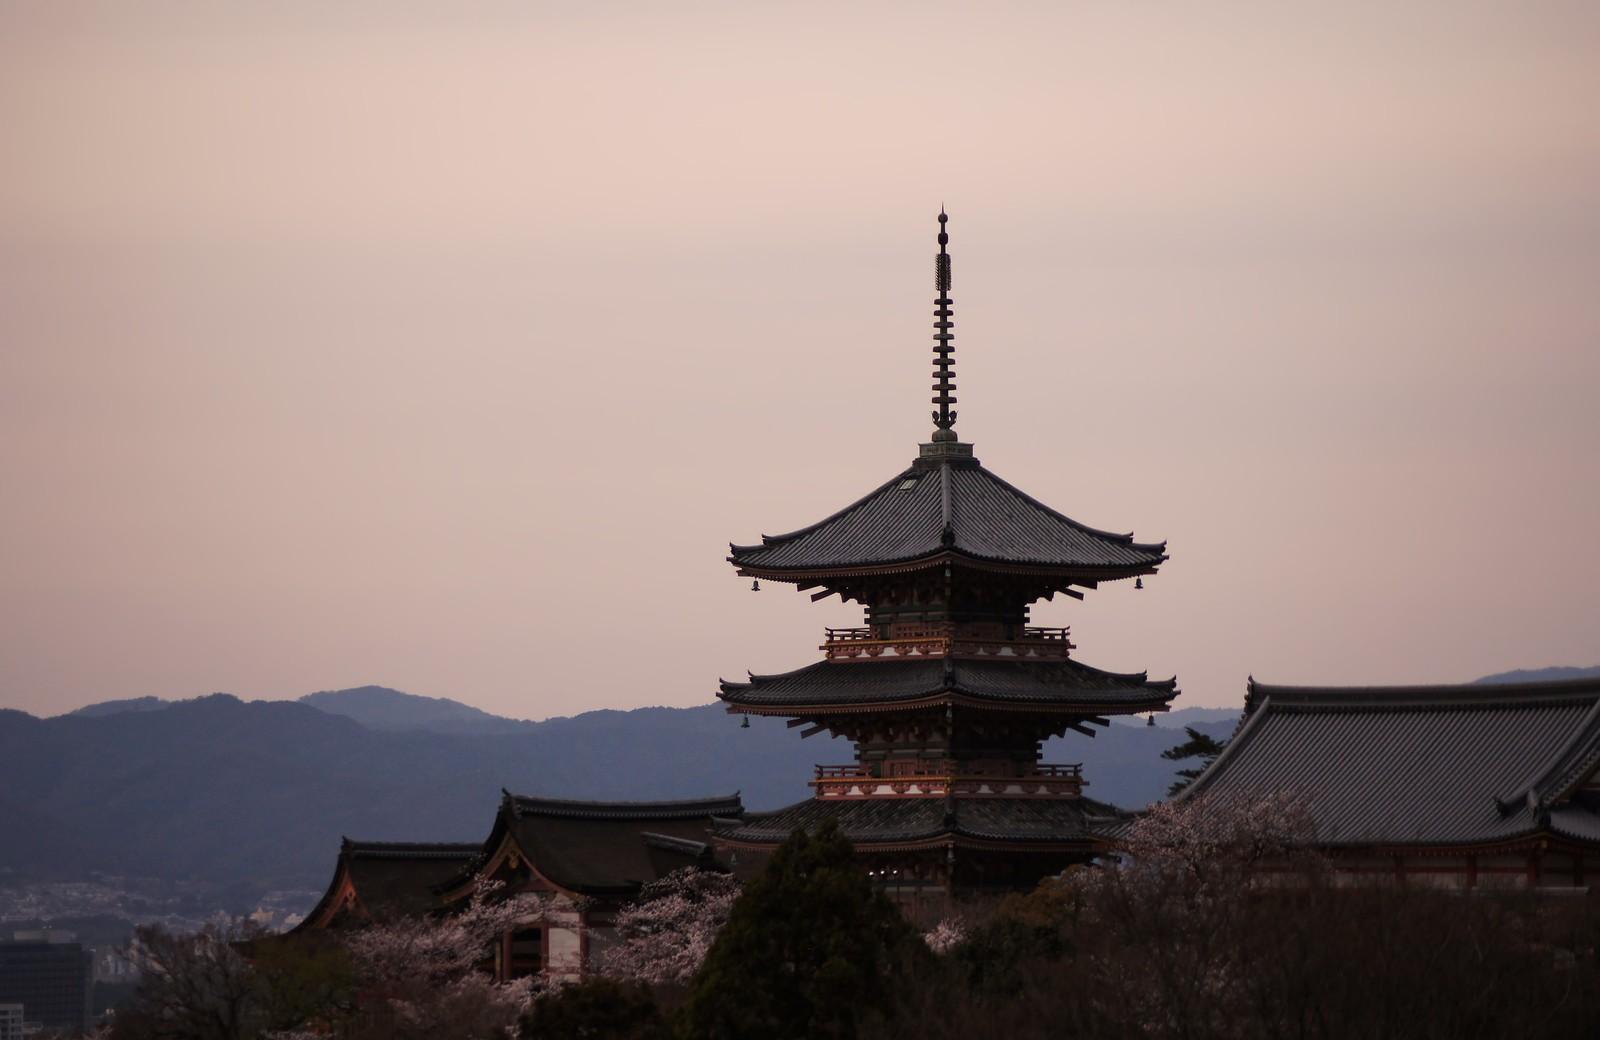 【京都】貴船神社の御朱印まとめ!季節限定ものや受付時間に人気の御朱印帳も紹介